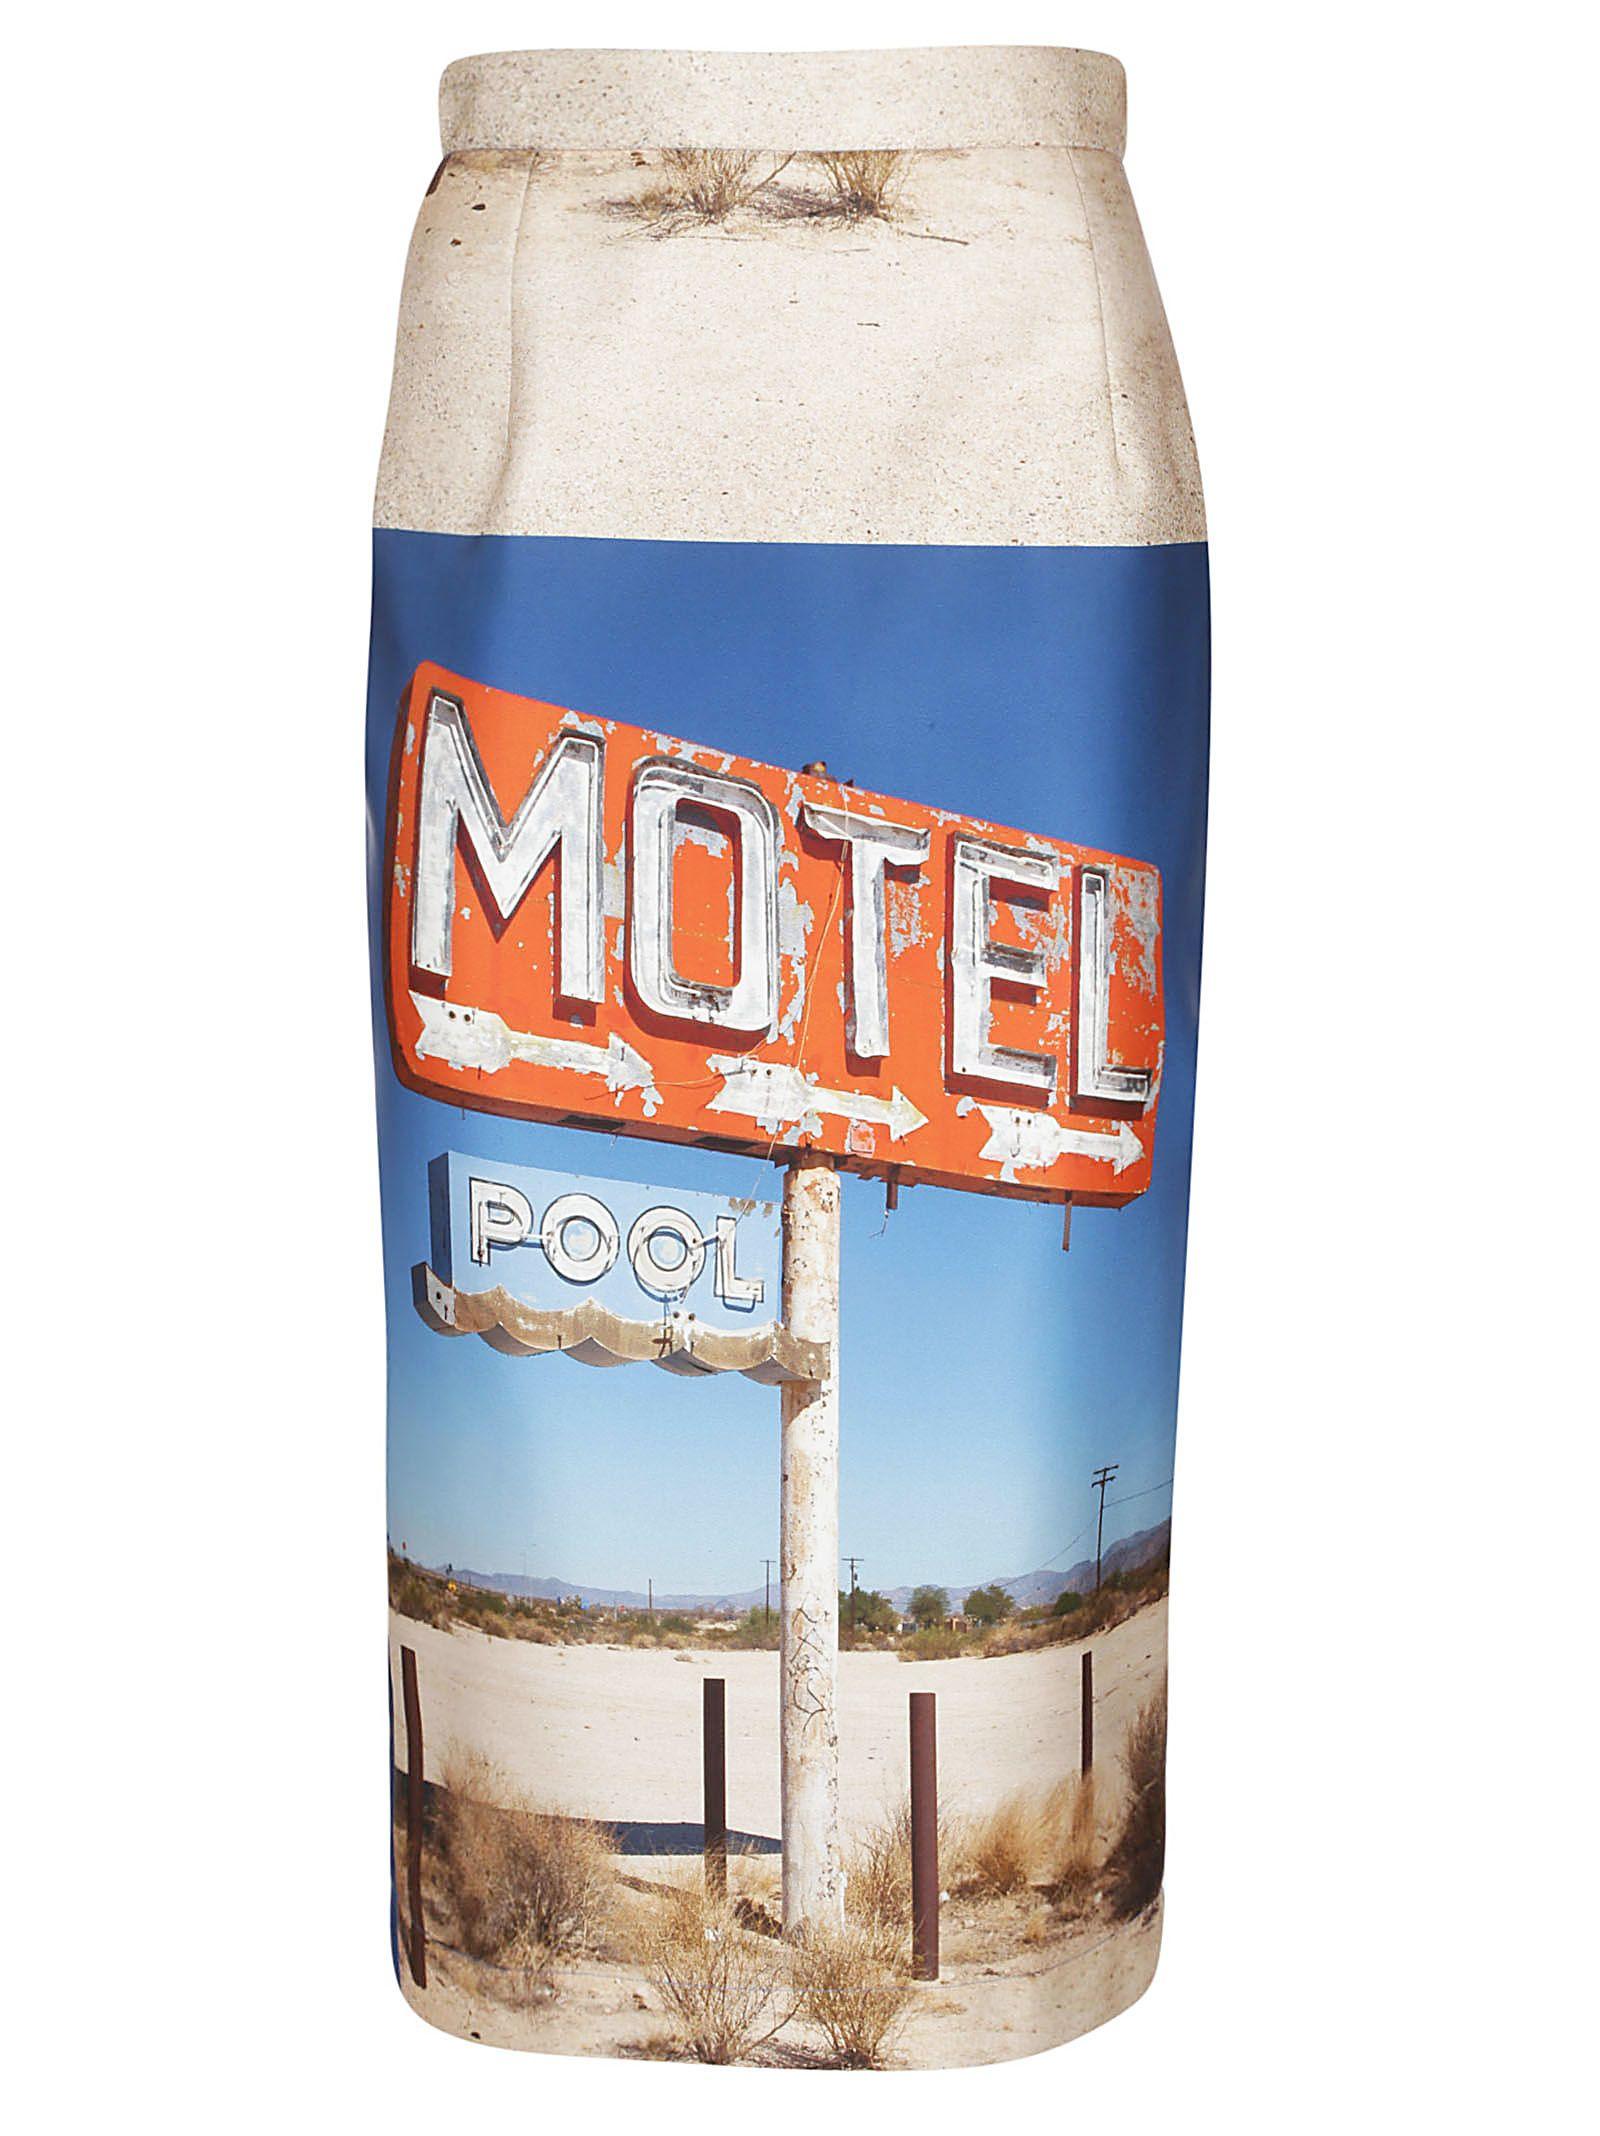 N.21 Motel Printed Pencil Skirt